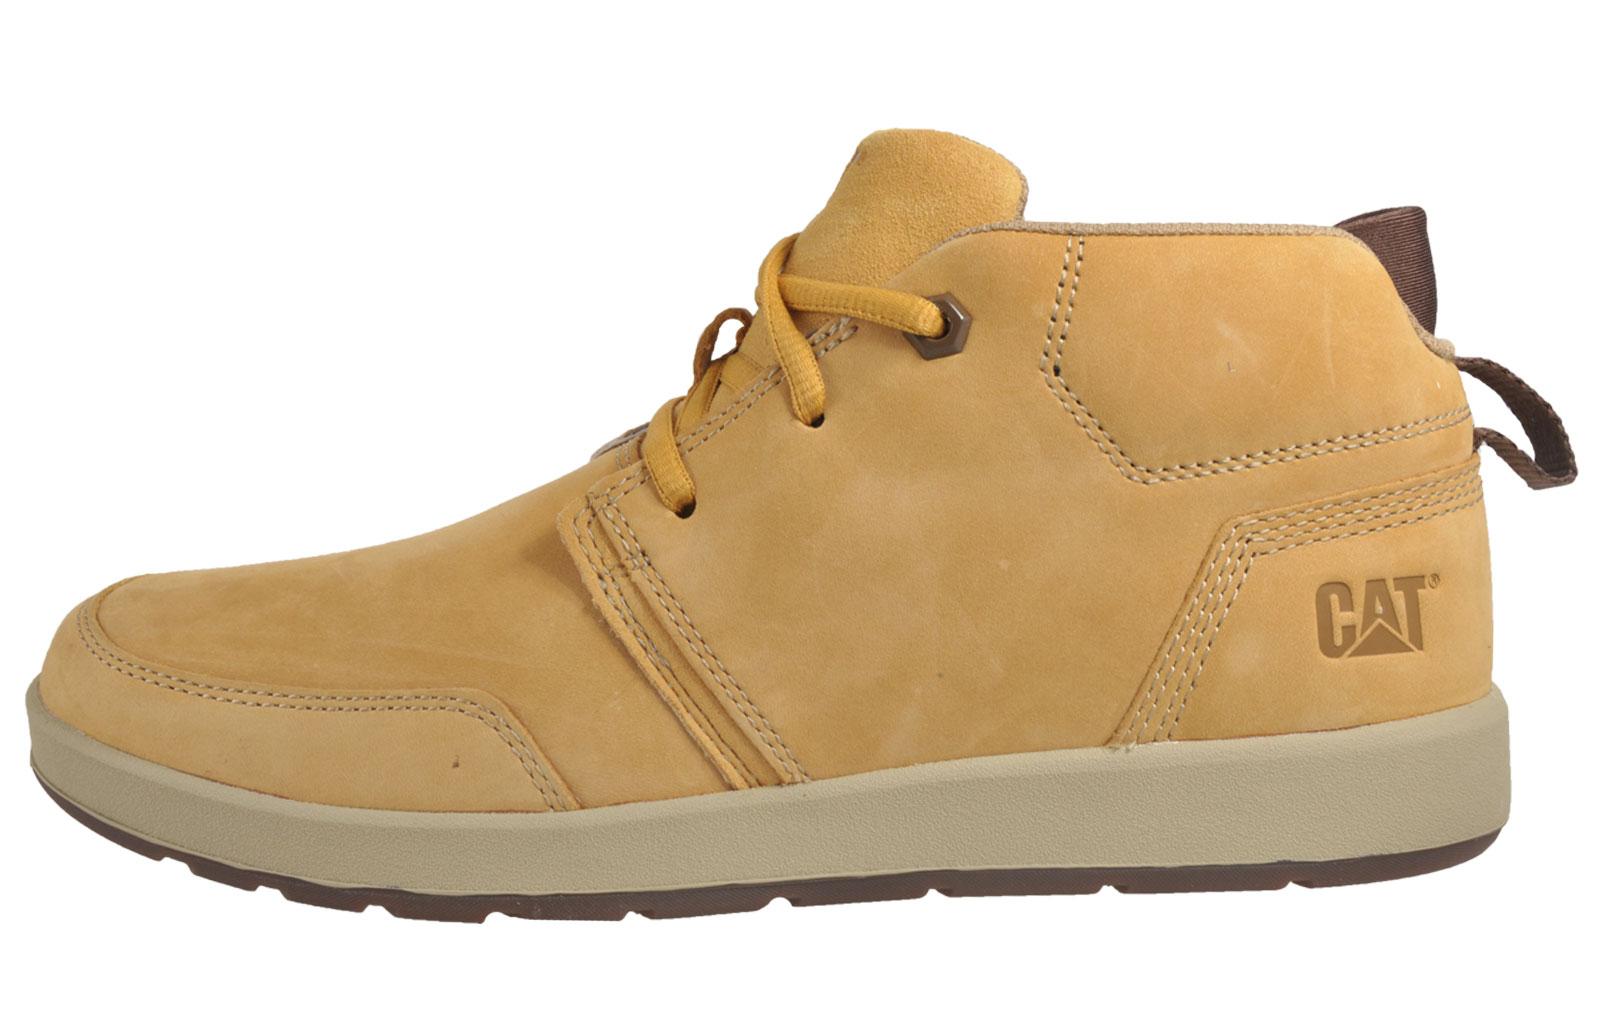 Caterpillar CAT Cruz Mens Premium Mid Cut Leather Casual Boots ...